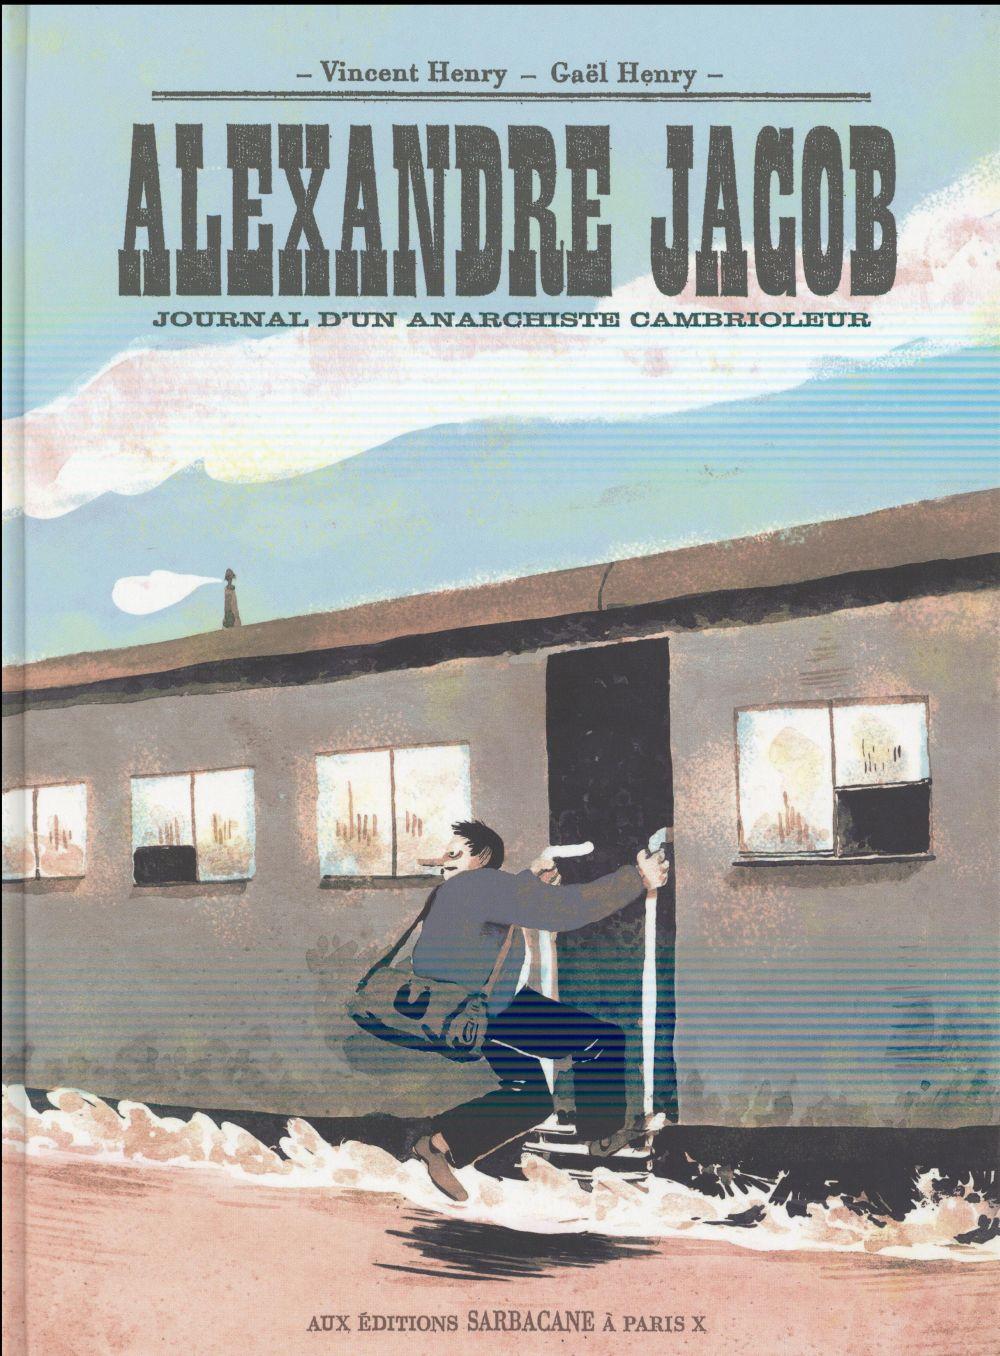 Alexandre Jacob ; journal d'un anarchiste cambrioleur